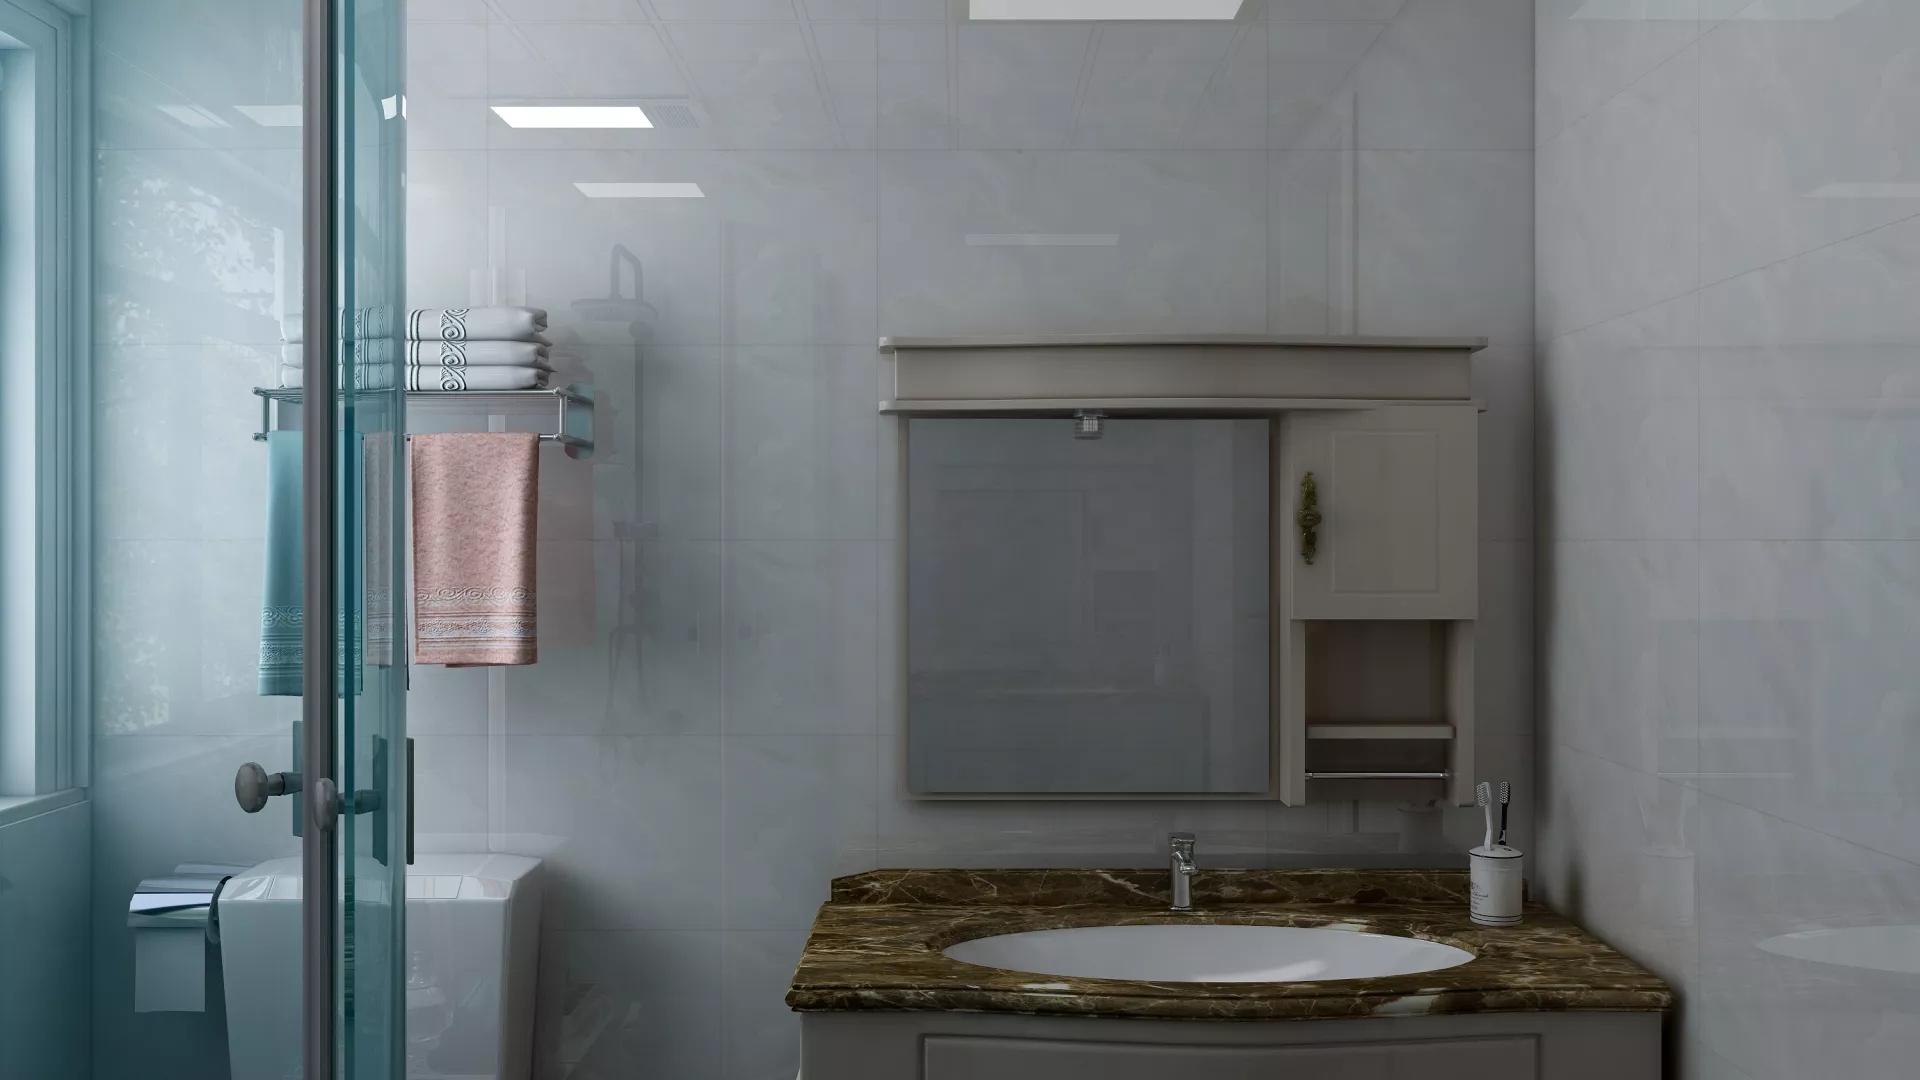 厨房家电清洗小窍门 厨房家电污垢怎么清洗